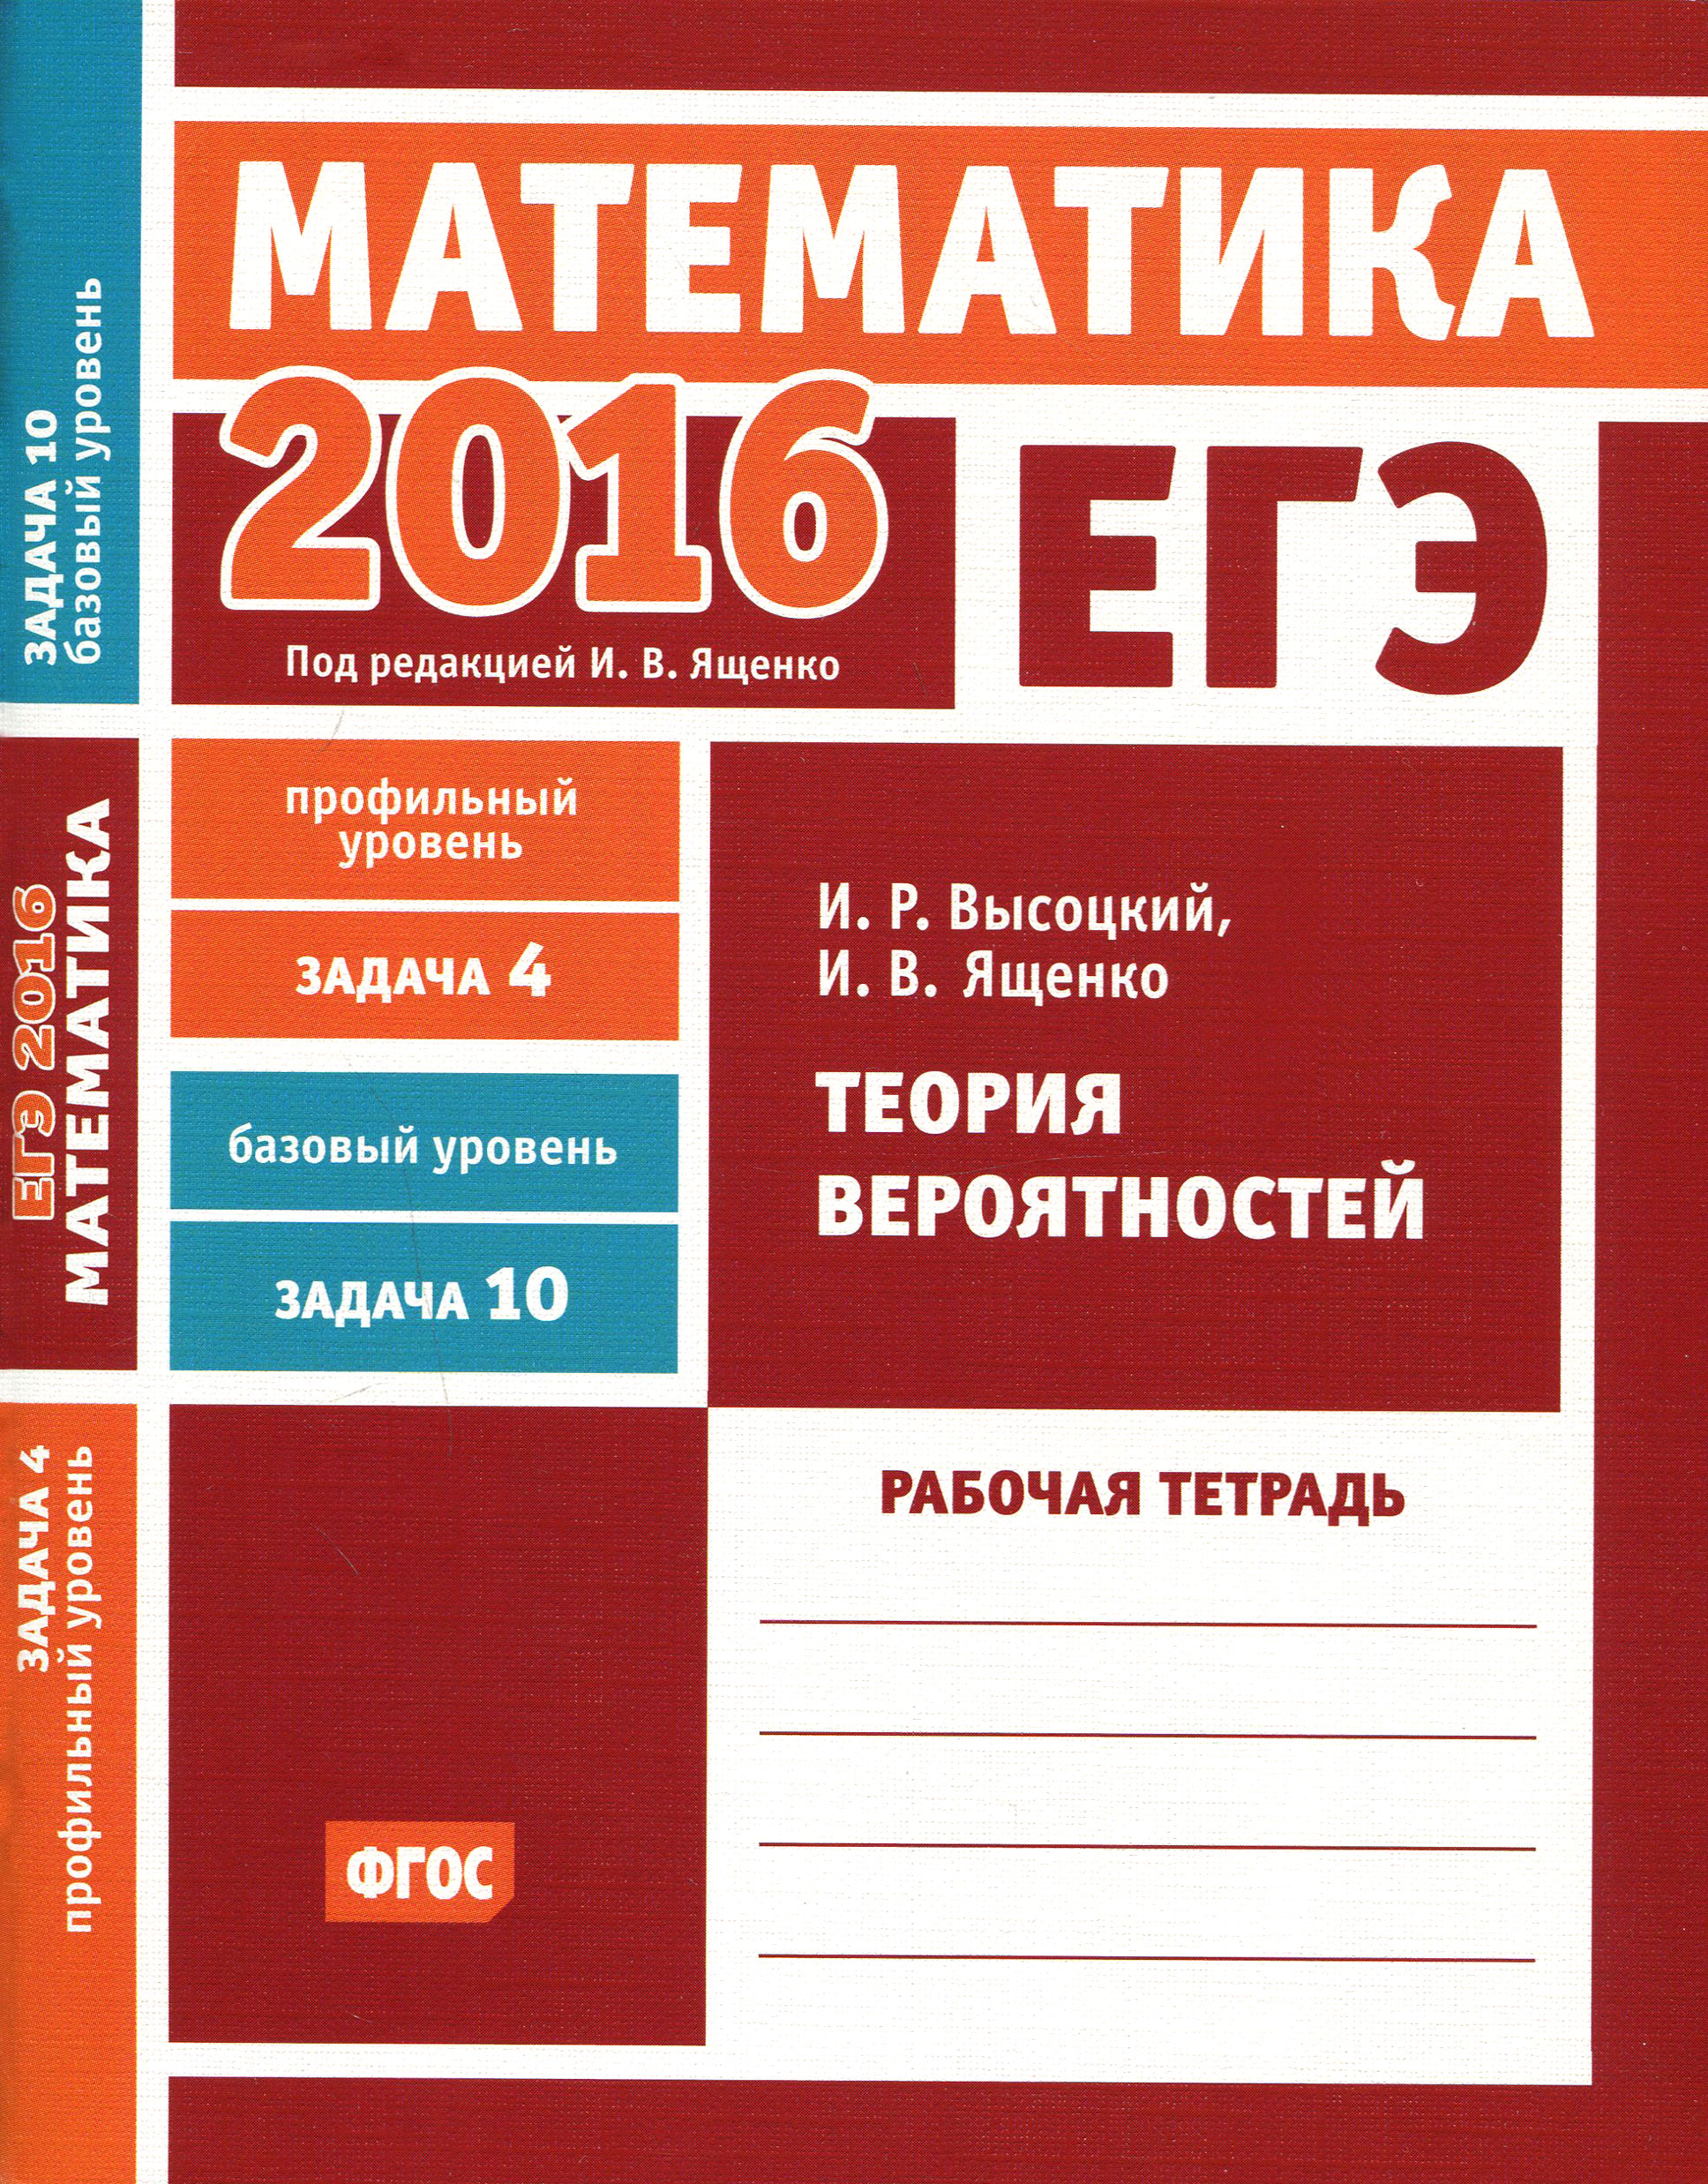 И. Р. Высоцкий, И. В. Ященко ЕГЭ 2016. Математика. Задача 4. Профильный уровень. Задача 10. Базовый уровень. Теория вероятностей. Рабочая тетрадь